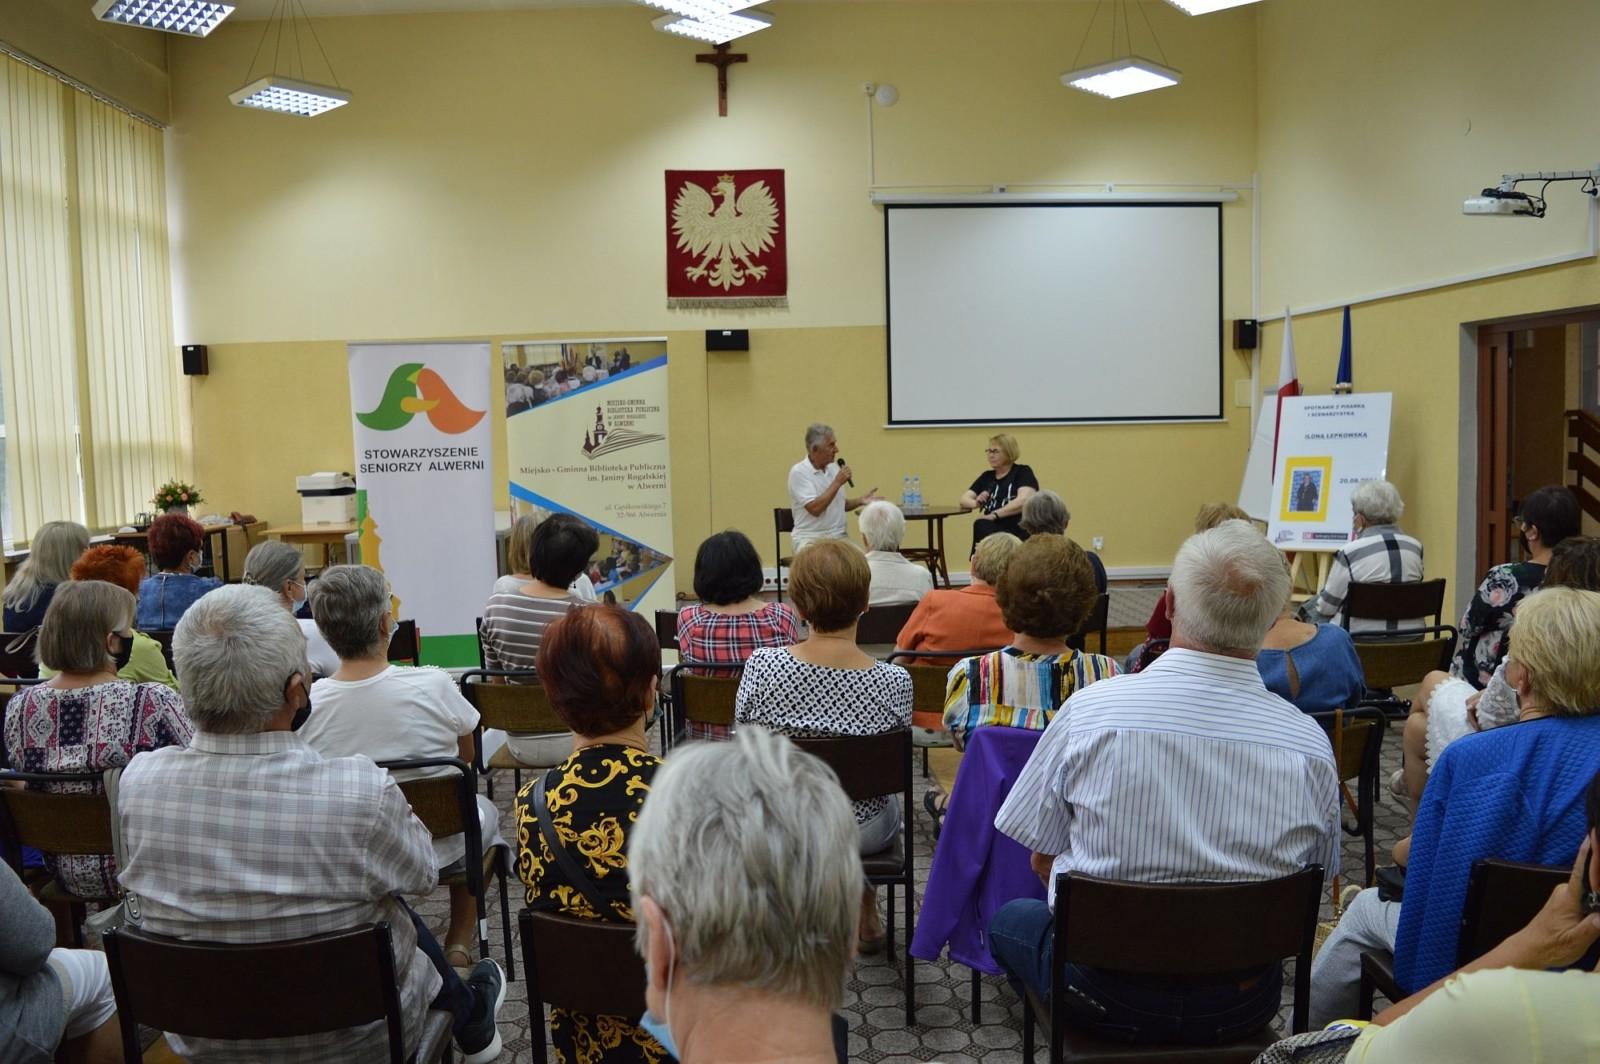 Spotkanie z pisarką i scenarzystką Iloną Łepkowską, Alwernia 20.08.2021